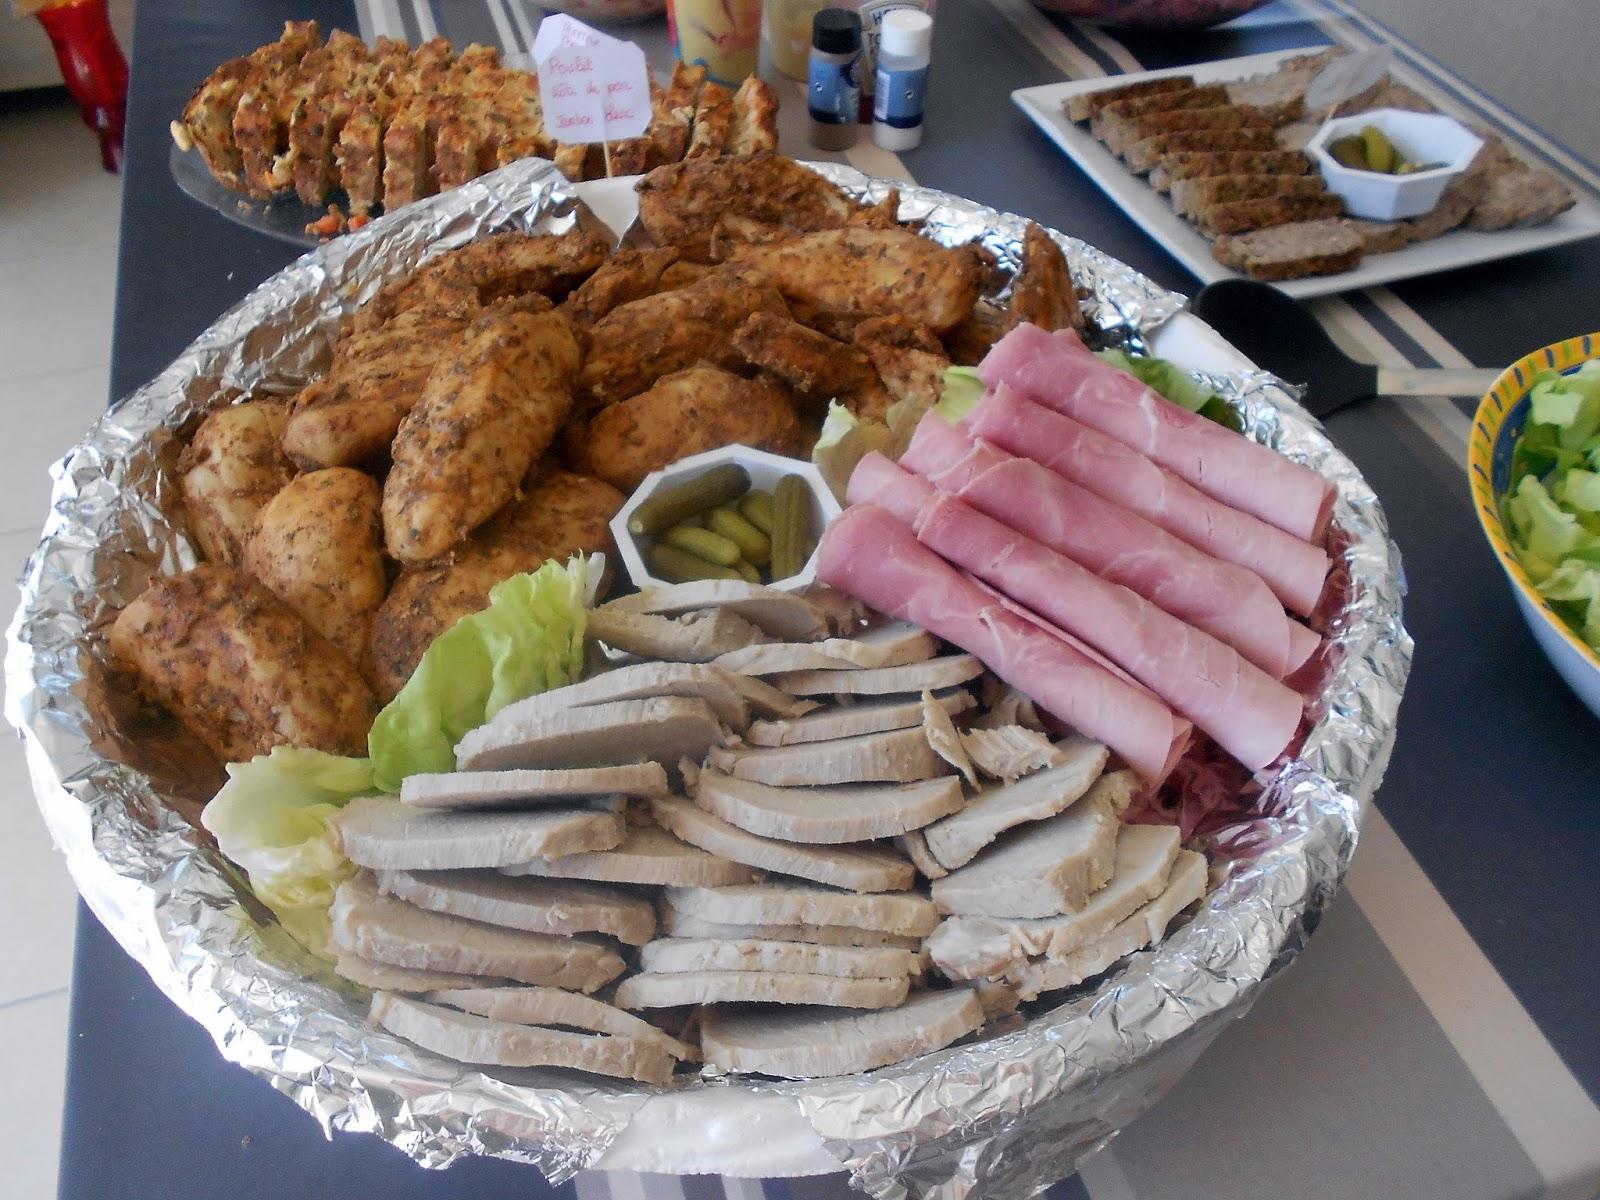 Dey cuisine faire un buffet froid 1 les viandes charcuterie - Idee de sandwich froid ...